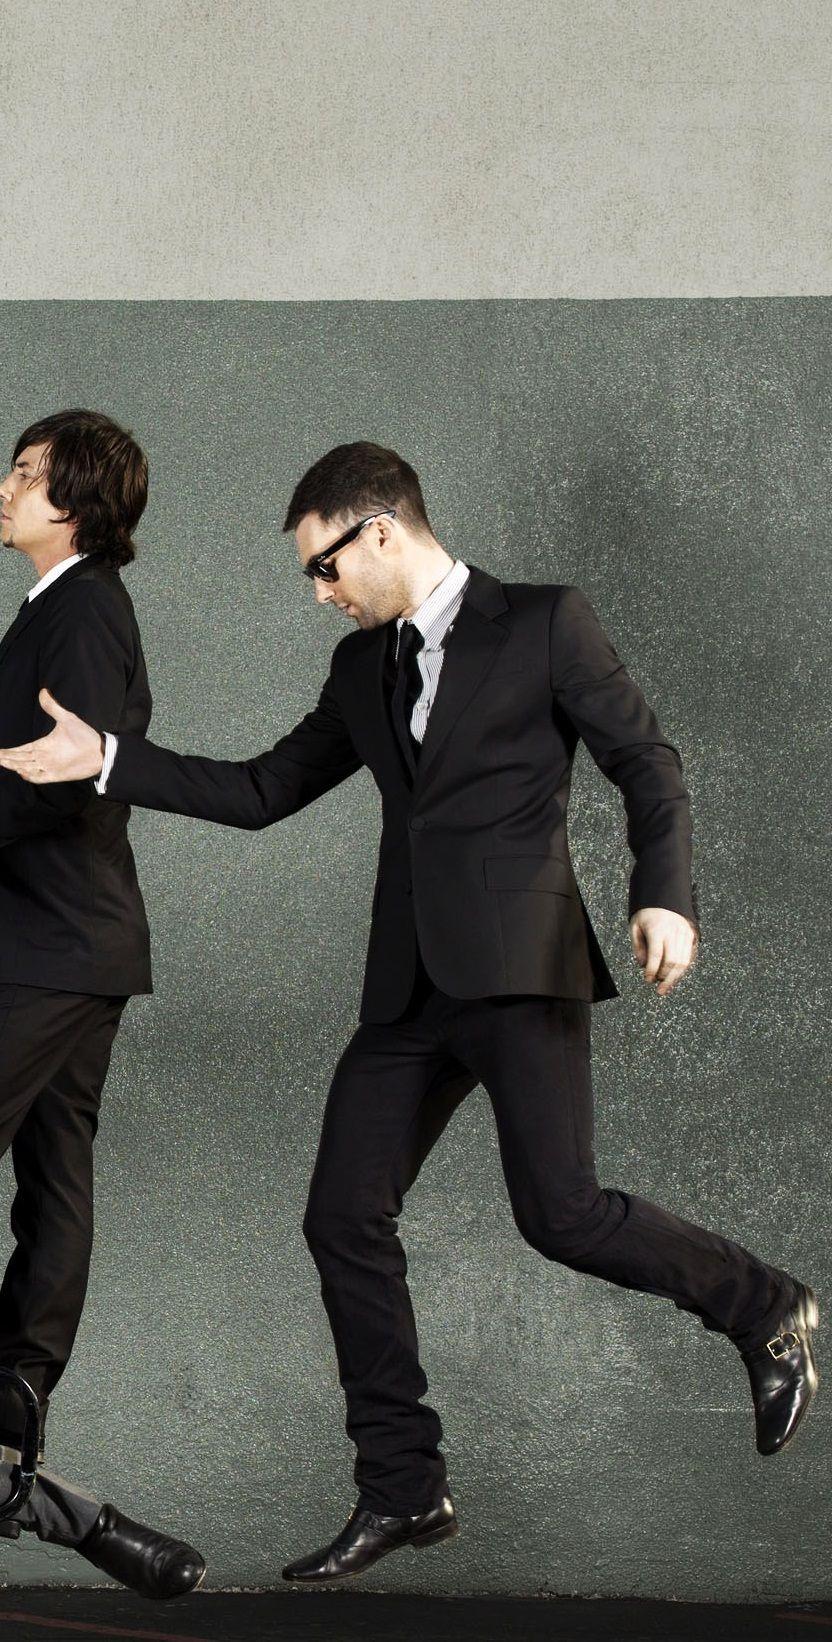 Adam Levine Adam Freaking Levine So Hott He Has To Have His